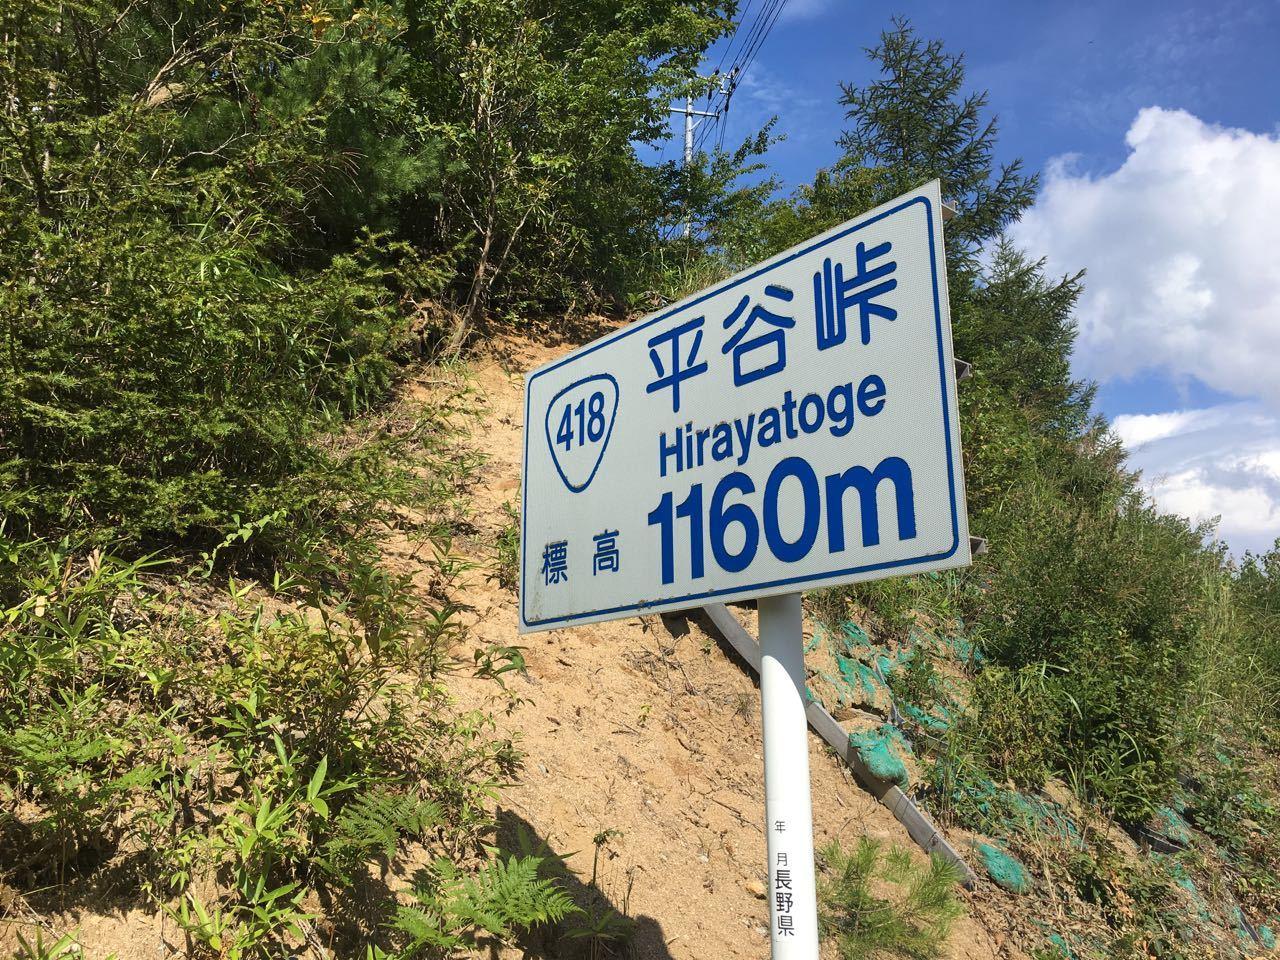 2019.09.03「SDA王滝120km 」_c0197974_12421142.jpg